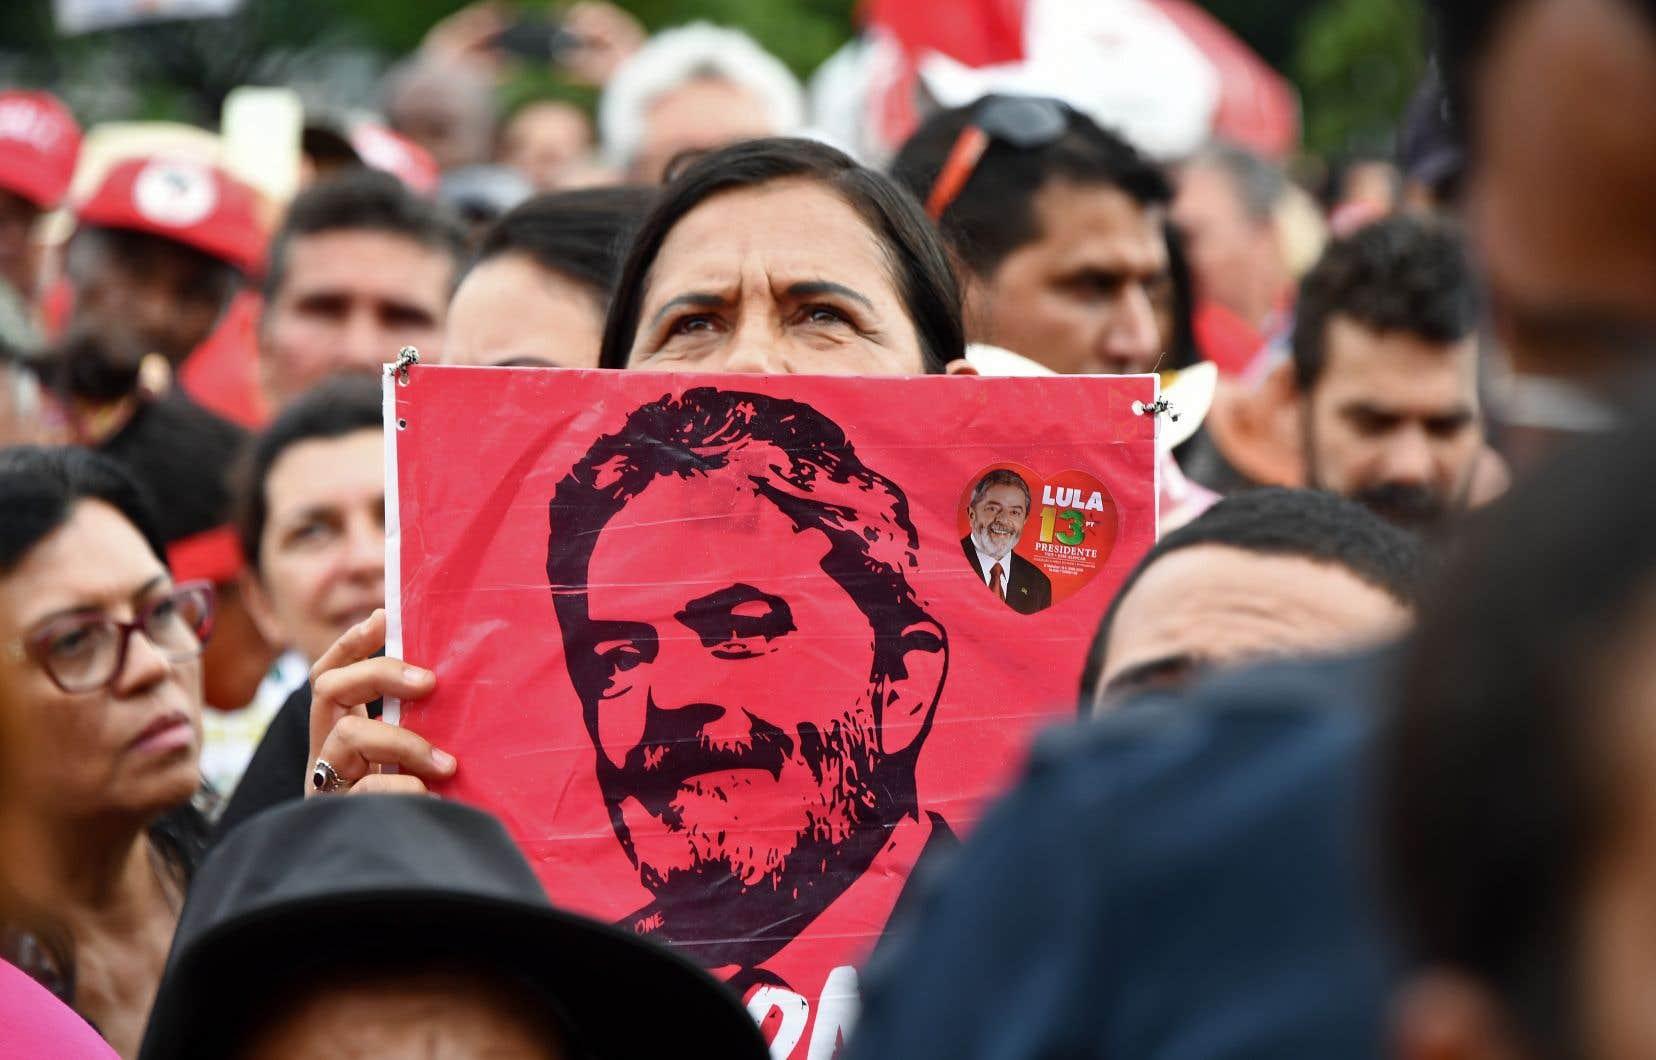 Malgré sa probable incarcération, Lula reste favori des sondages pour la présidentielle d'octobre.